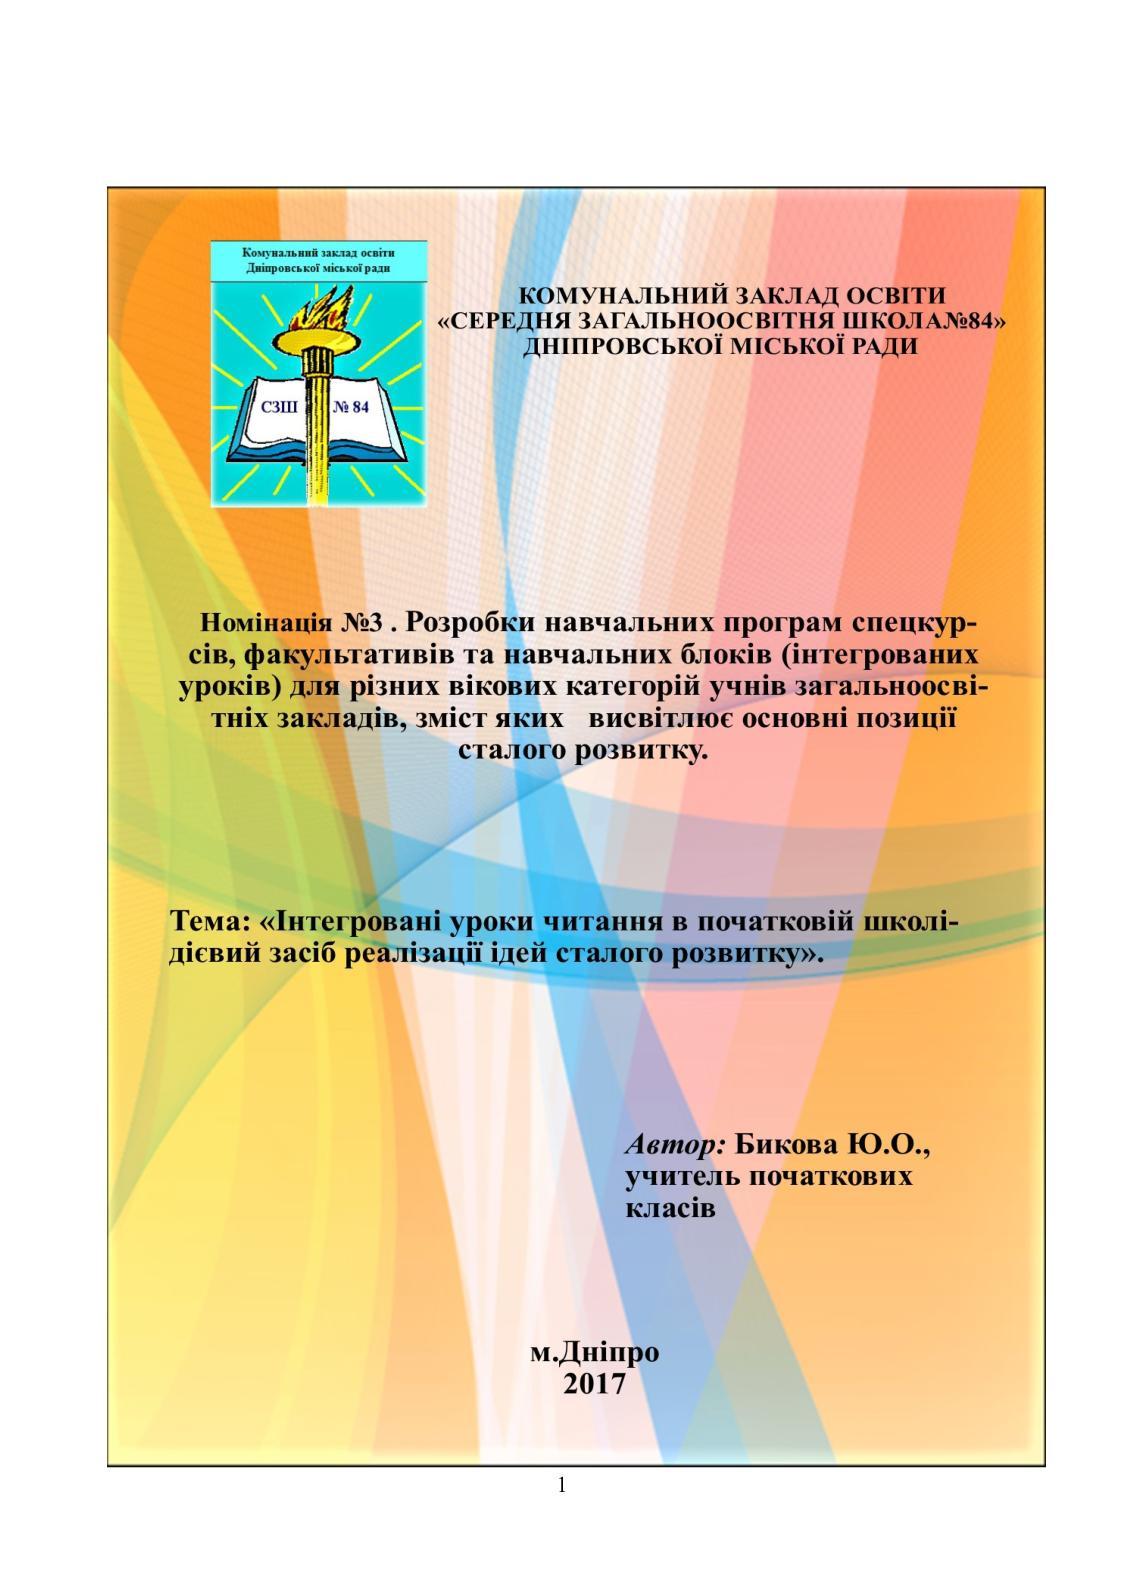 Calaméo - Інтегровані уроки з літературного читання в початковій школі aab36c3de8af4